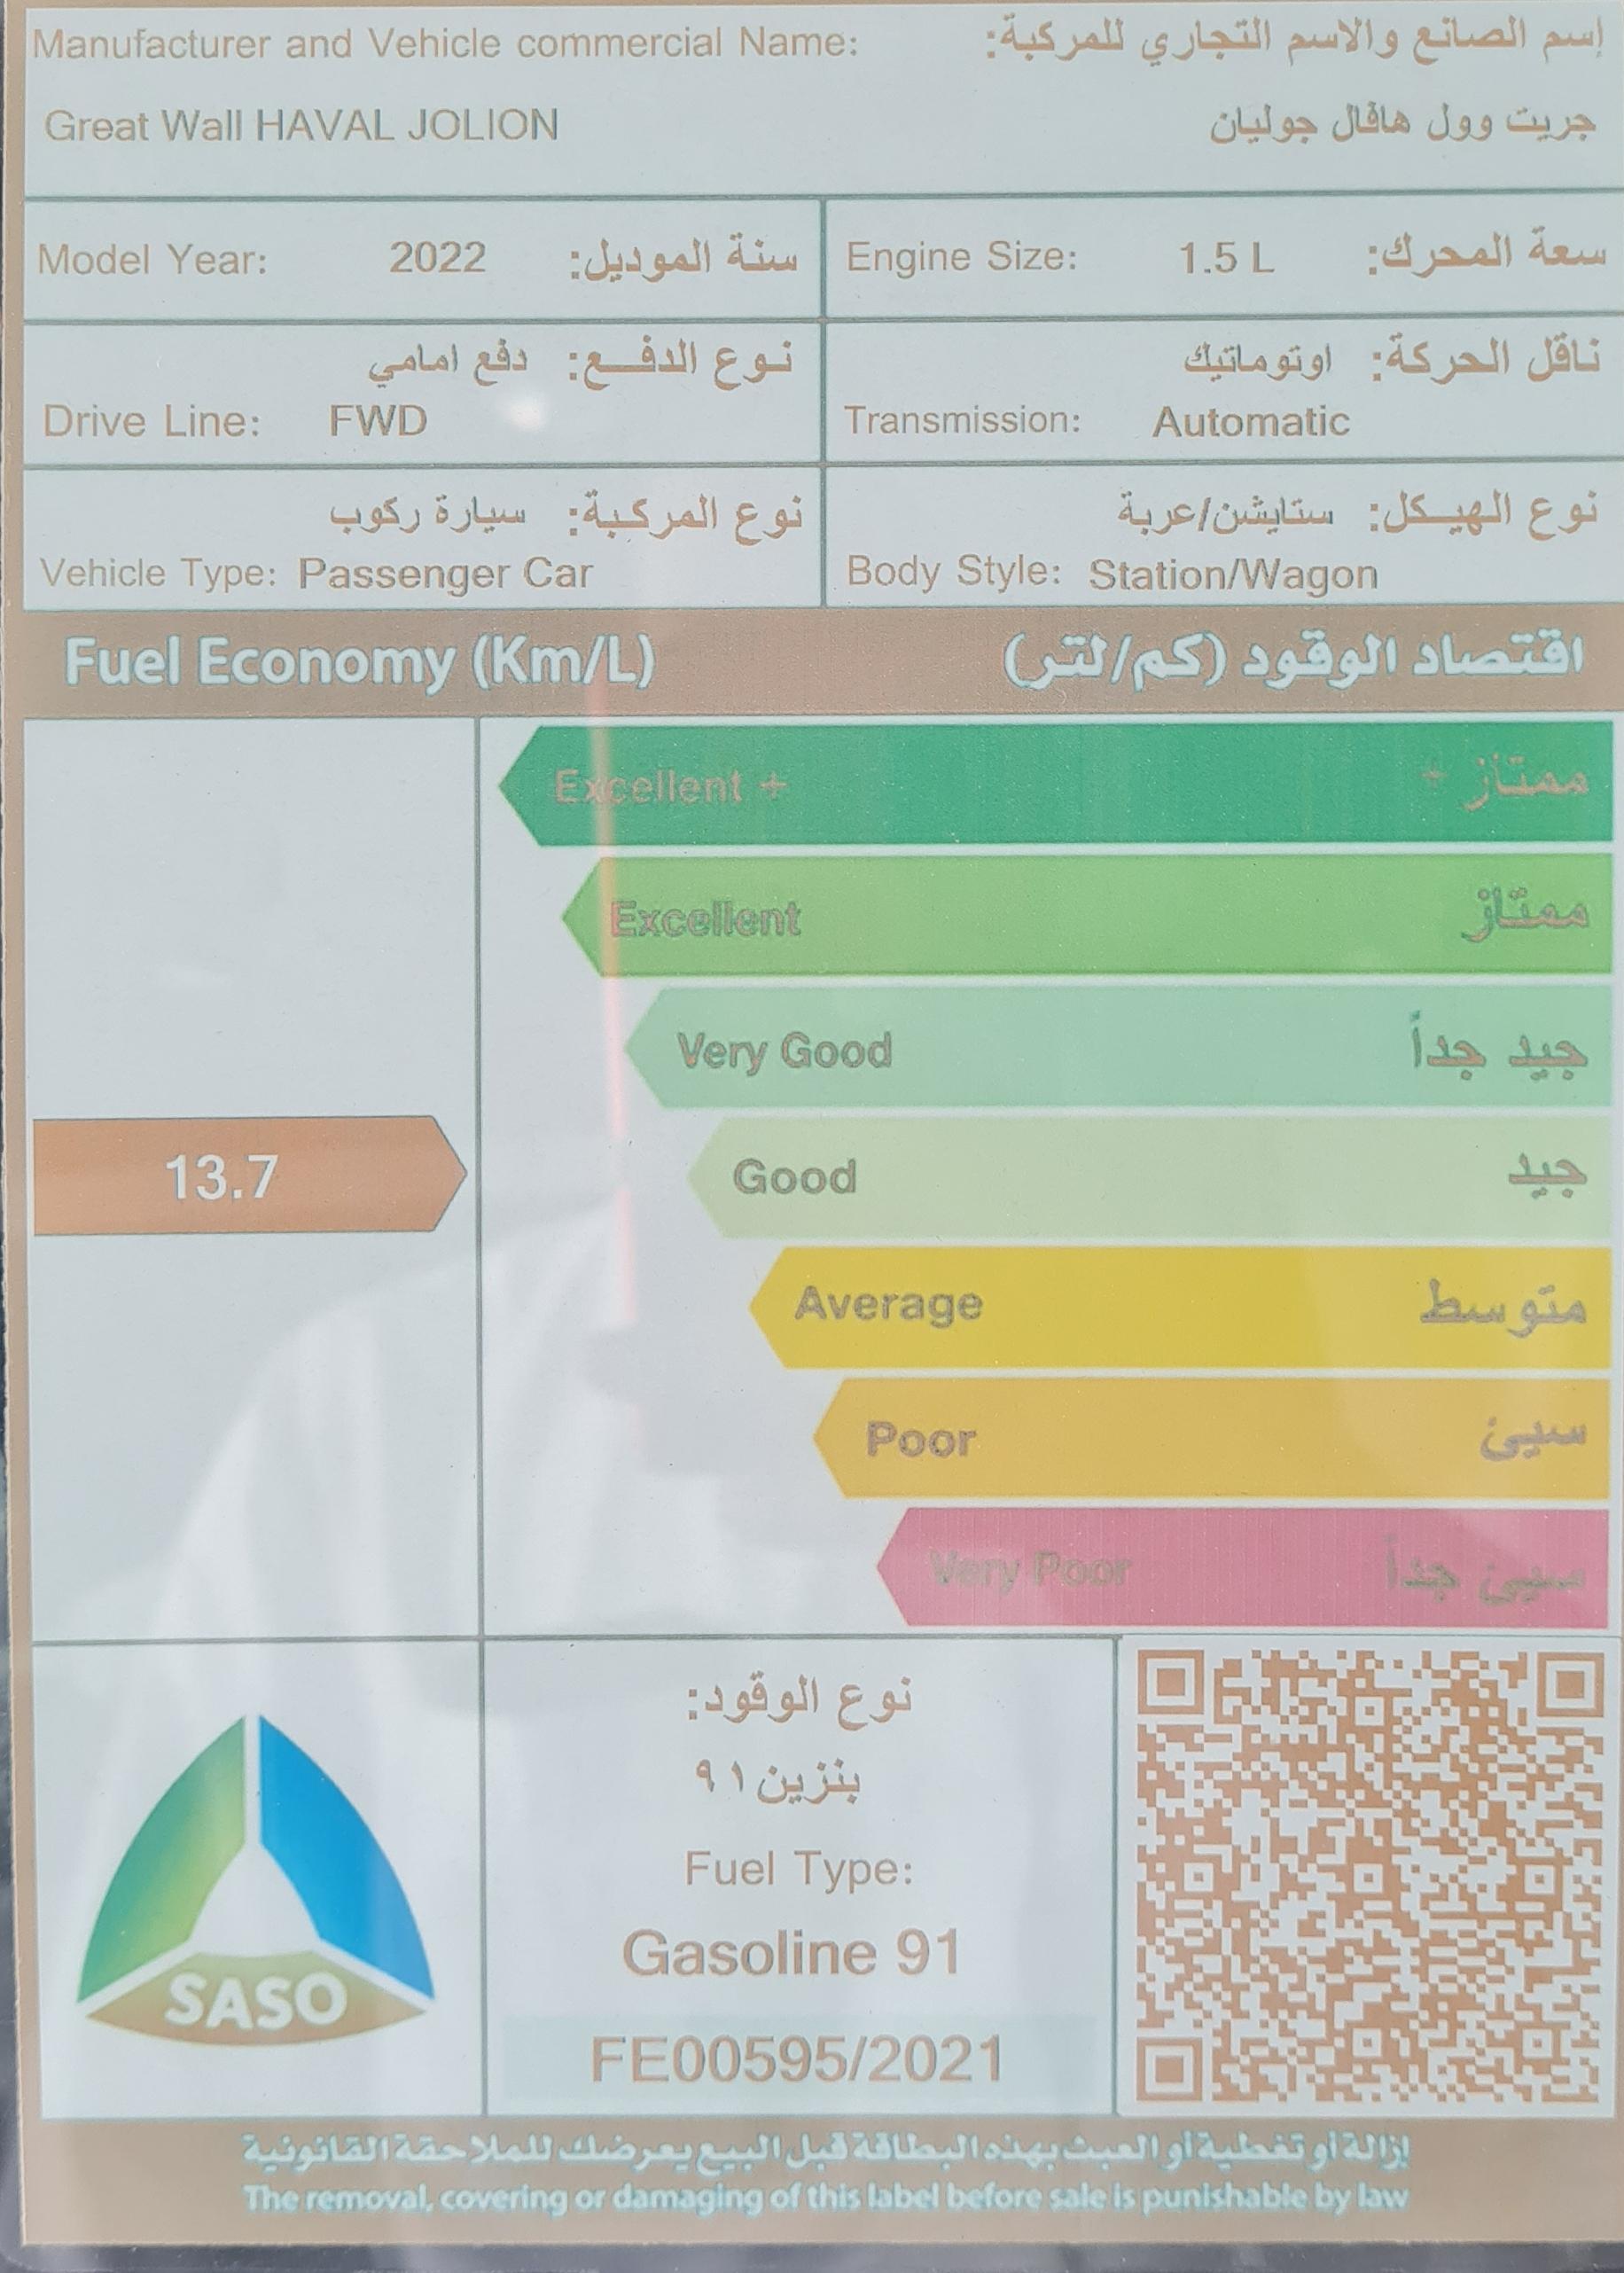 هافال جوليان Active 2022 سعودي للبيع في الرياض - السعودية - صورة كبيرة - 7